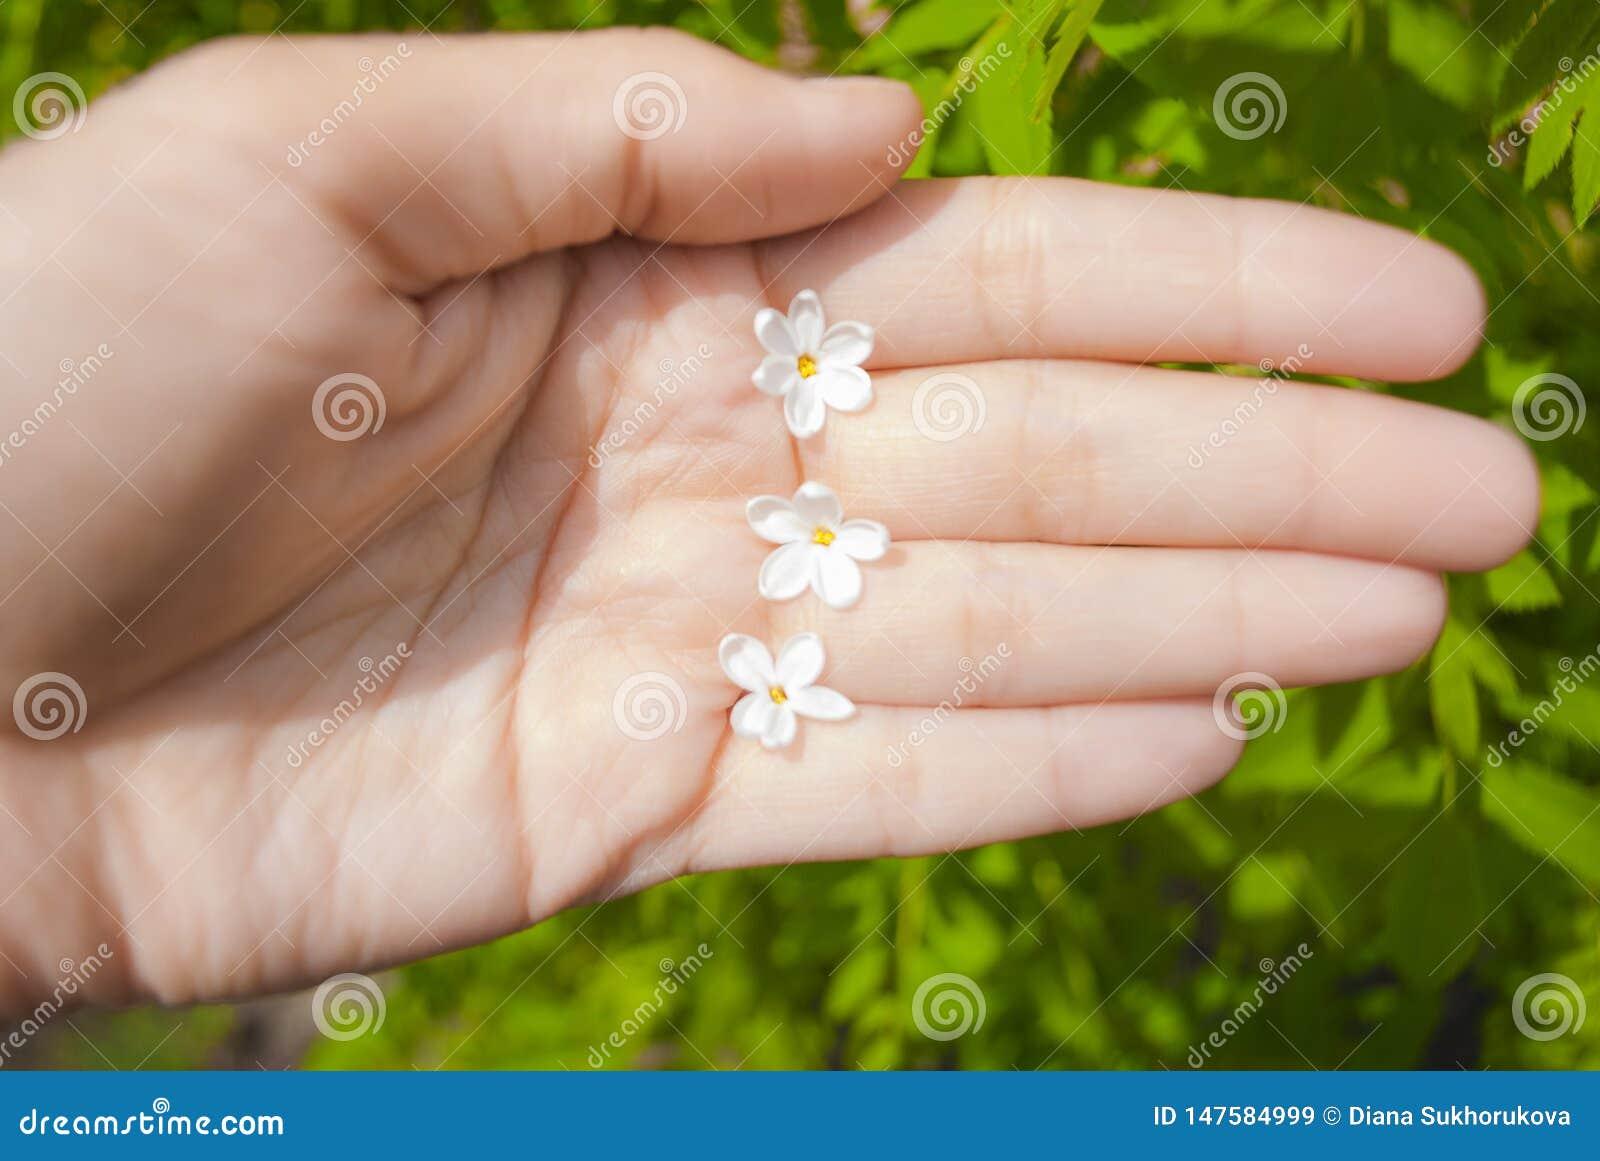 Lilac bloemen met vijf bloemblaadjes is een symbool van goed geluk